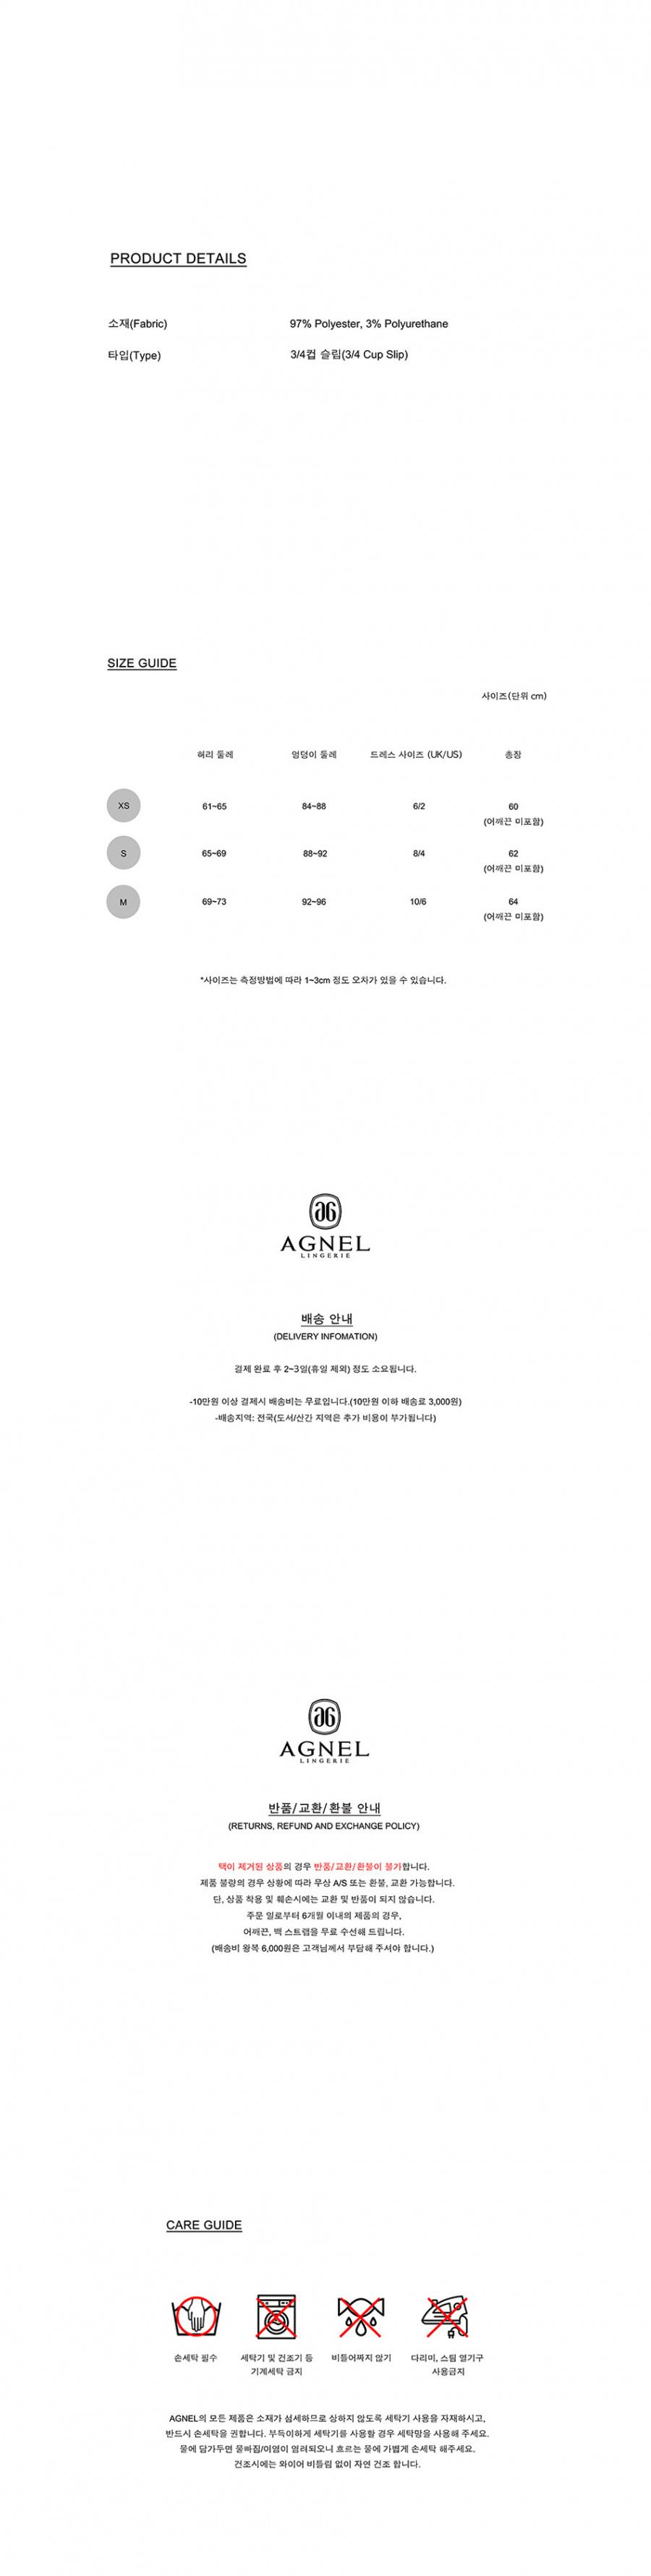 아그넬(AGNEL) 퓨어 블랙 슬립 원피스